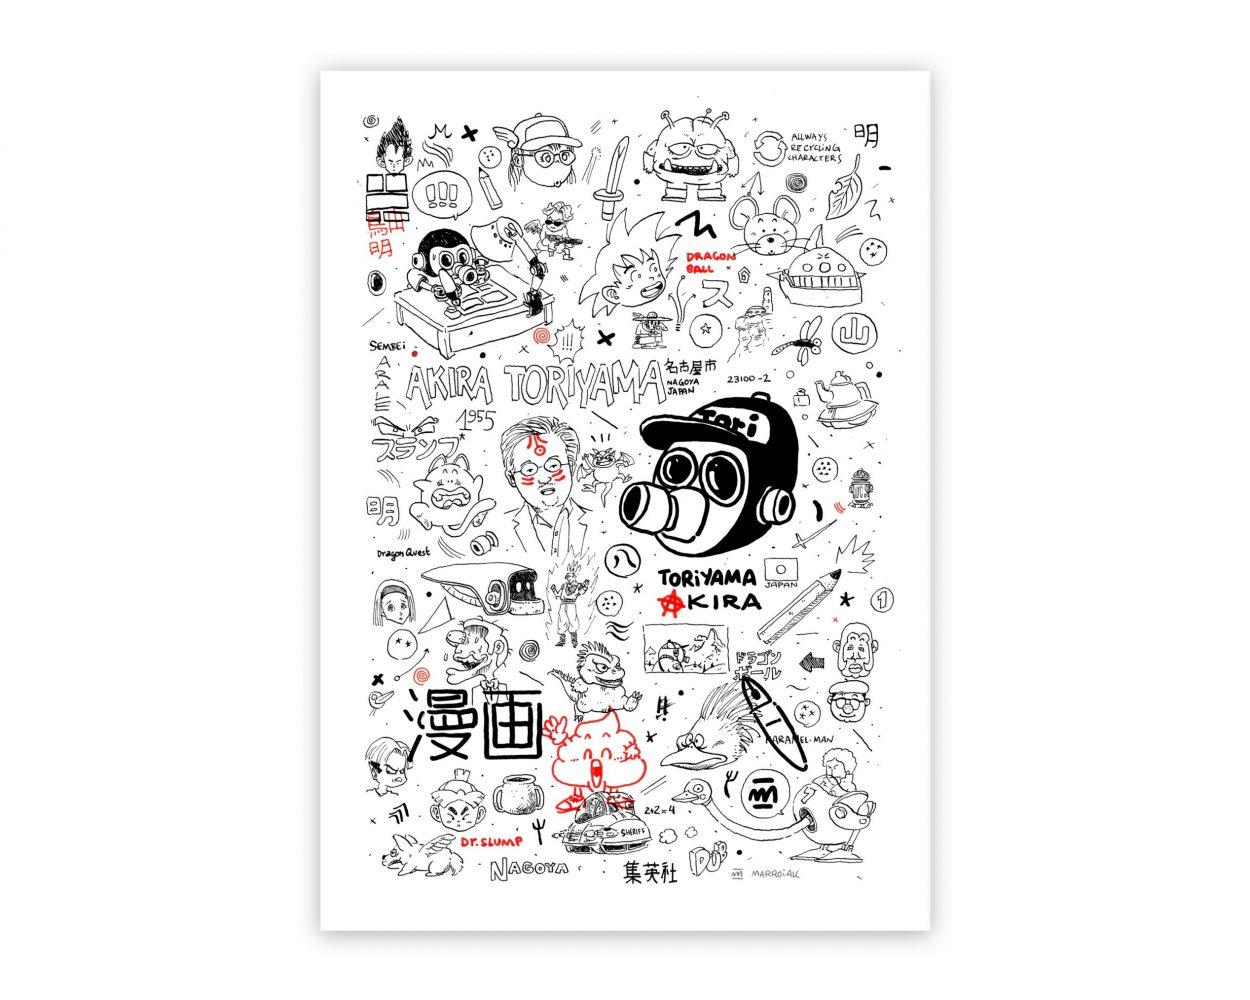 Dibujo con un retrato psicológico del dibujante de manga japonés Akira Toriyama, autor de cómics como Dragon Ball, Dr, Slump, Dragon Quest y muchos otros.